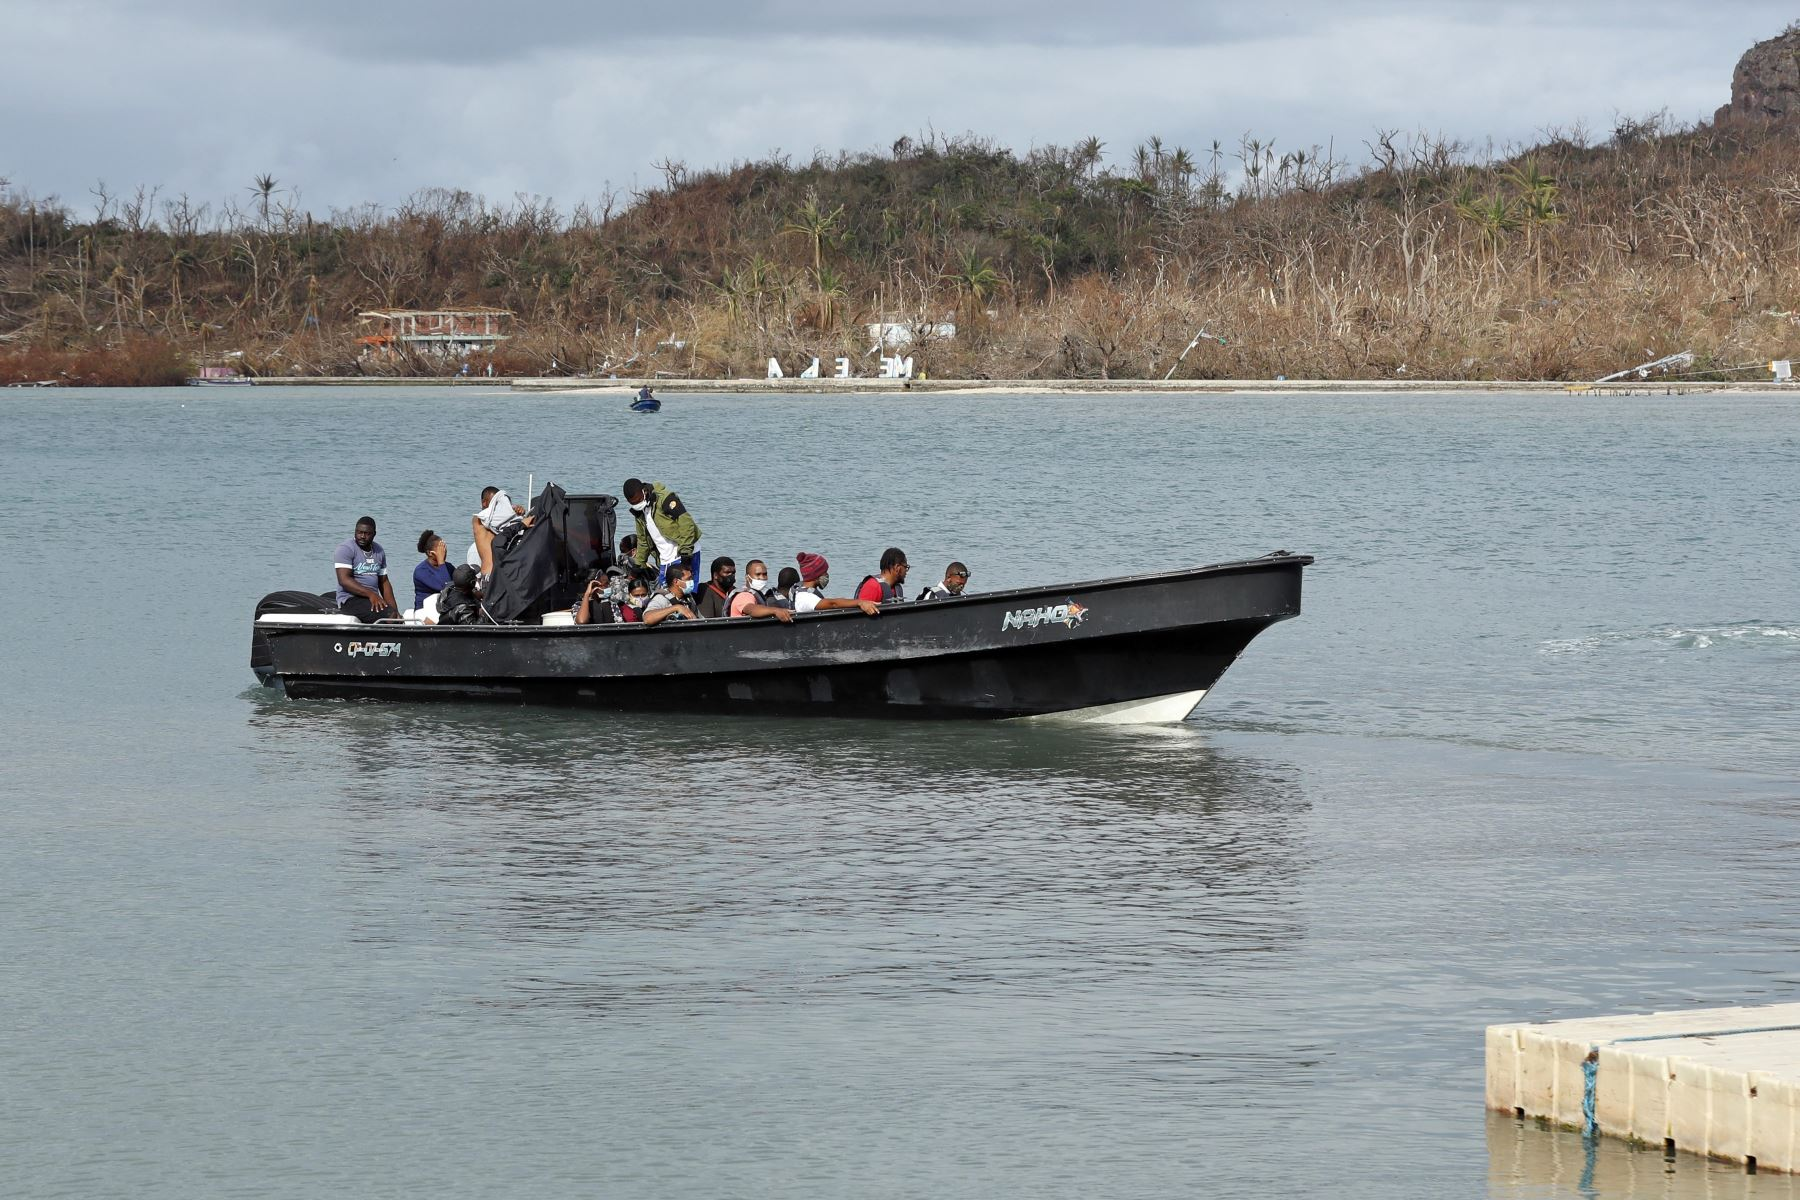 Isleños a bordo de una lancha parten hacía la isla de San Andrés, desde Providencia, Colombia. Centenares de habitantes de la isla colombiana de Providencia que perdieron todo por el paso del huracán Iota emigran a diario a la de San Andrés. Foto: AFP